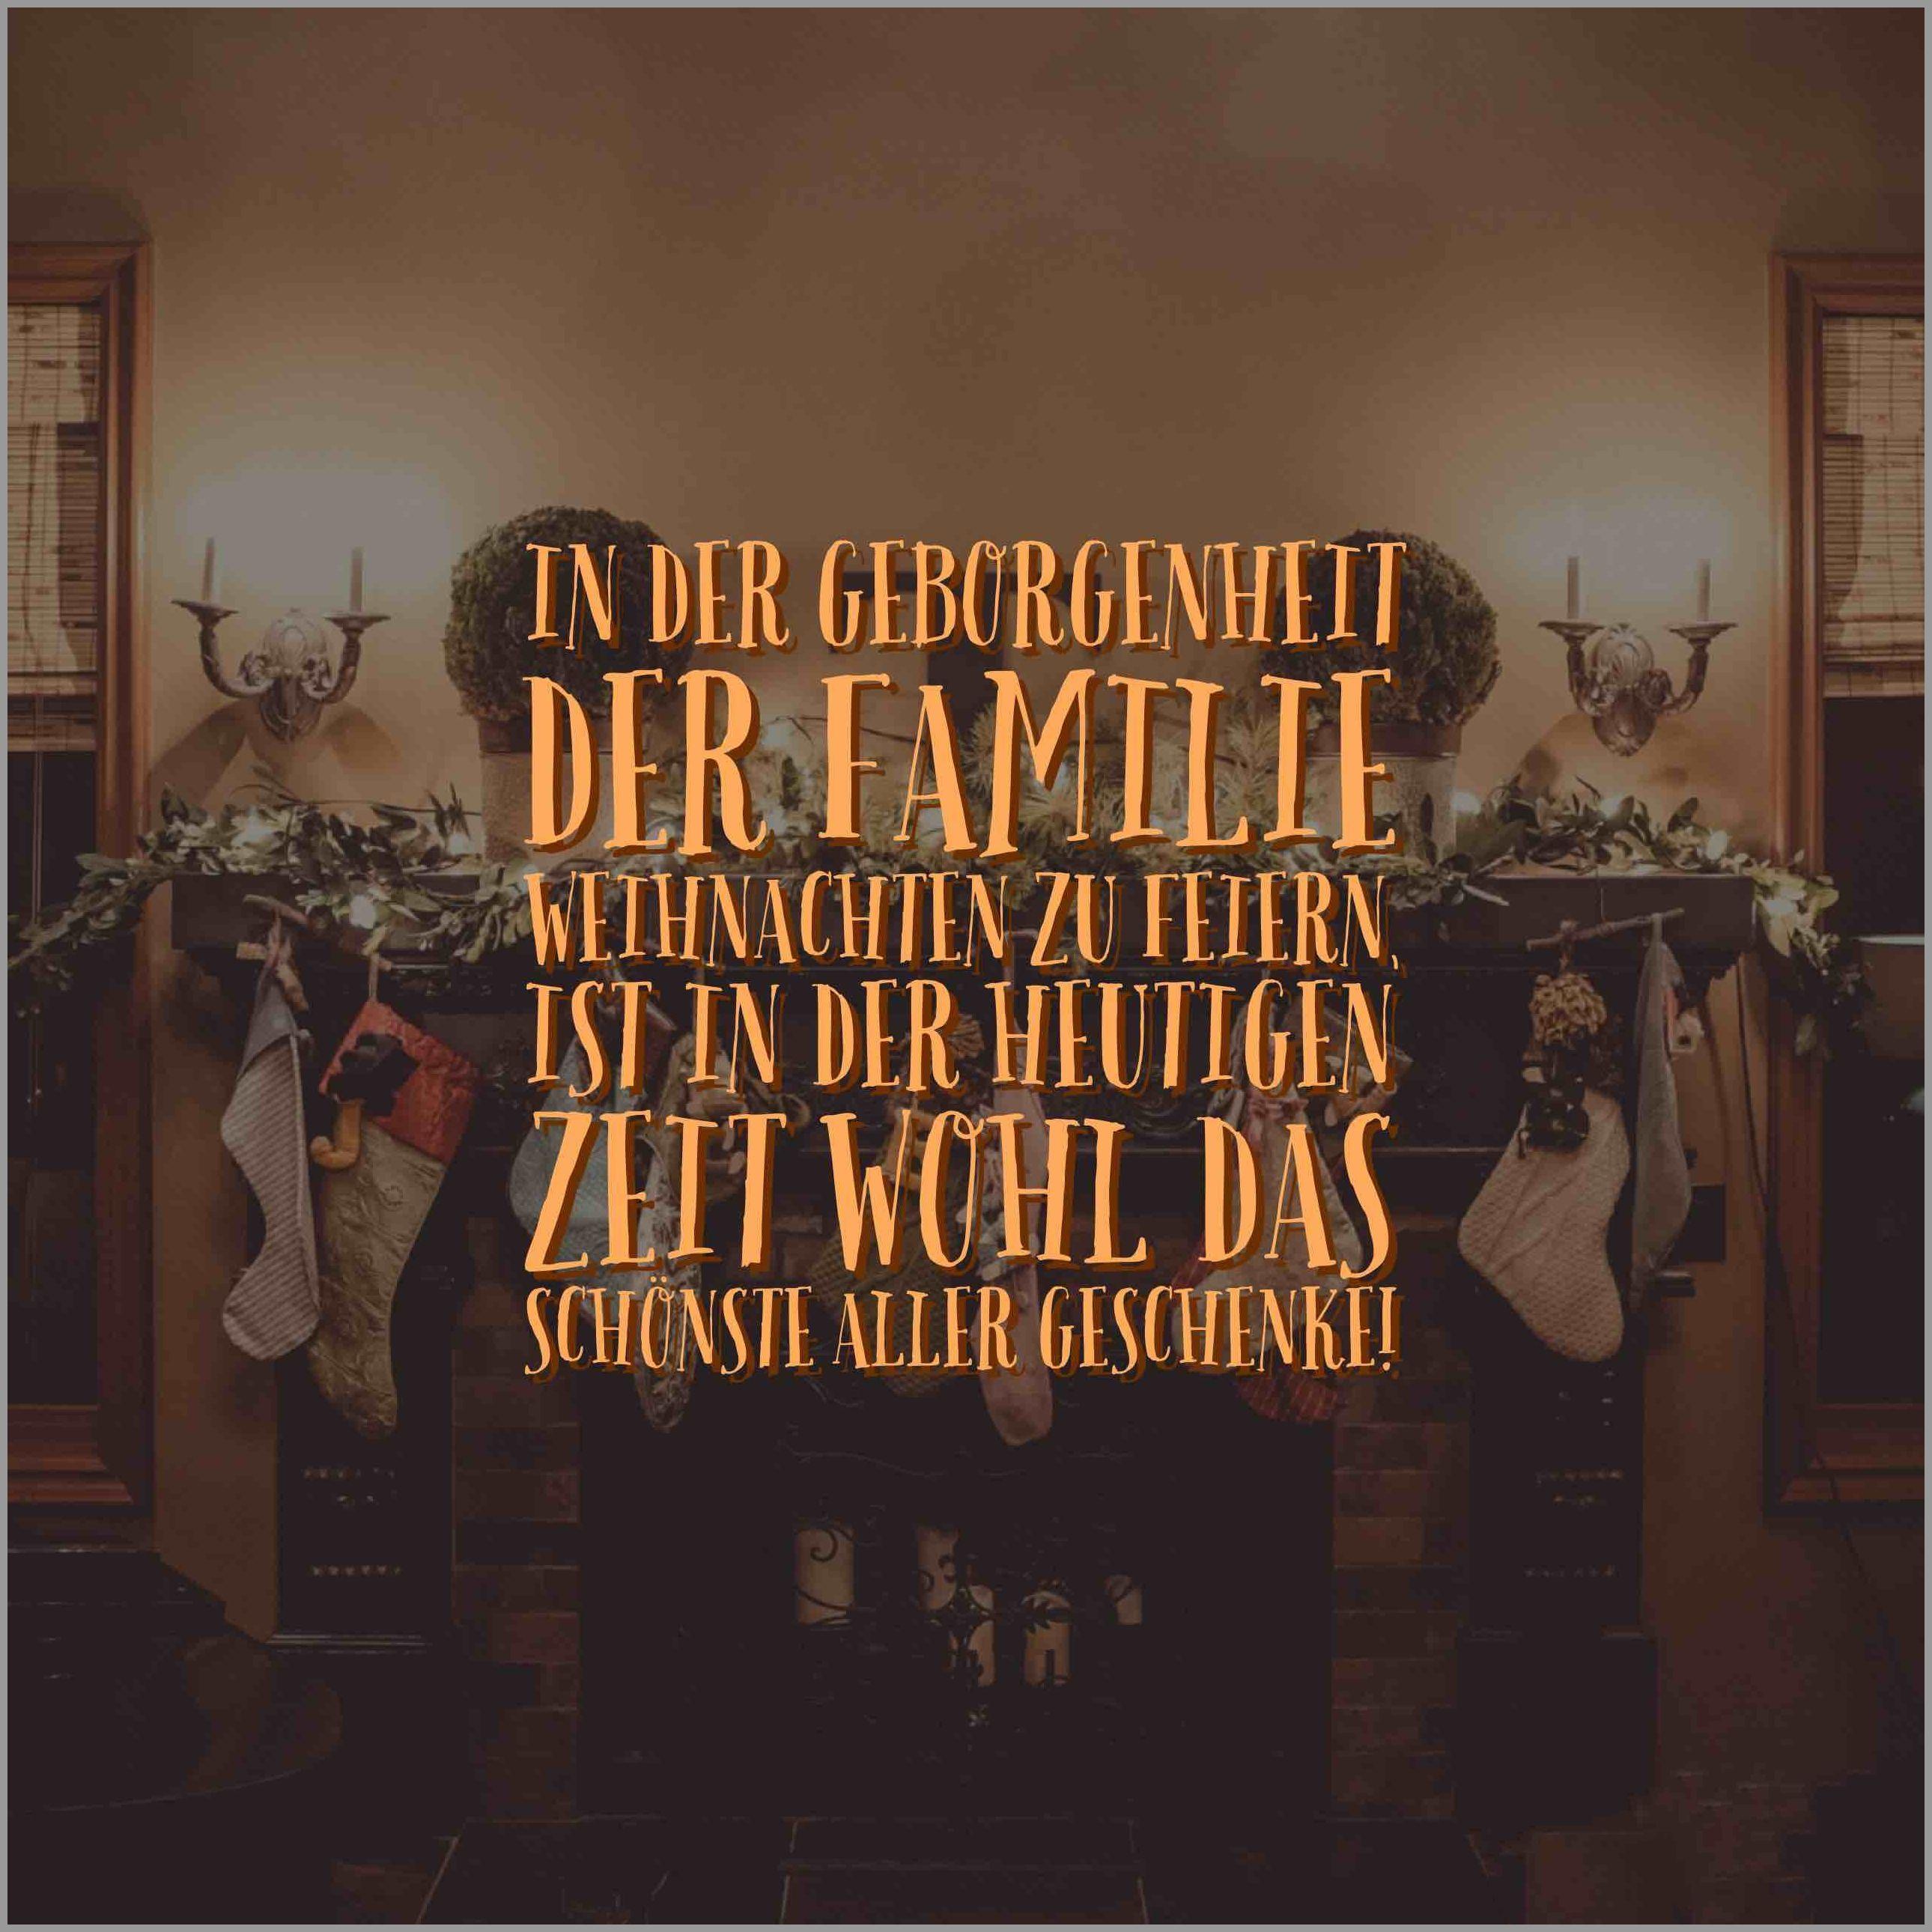 In der geborgenheit der familie weihnachten zu feiern ist in der heutigen zeit wohl das schoenste aller geschenke - In der geborgenheit der familie weihnachten zu feiern ist in der heutigen zeit wohl das schoenste aller geschenke